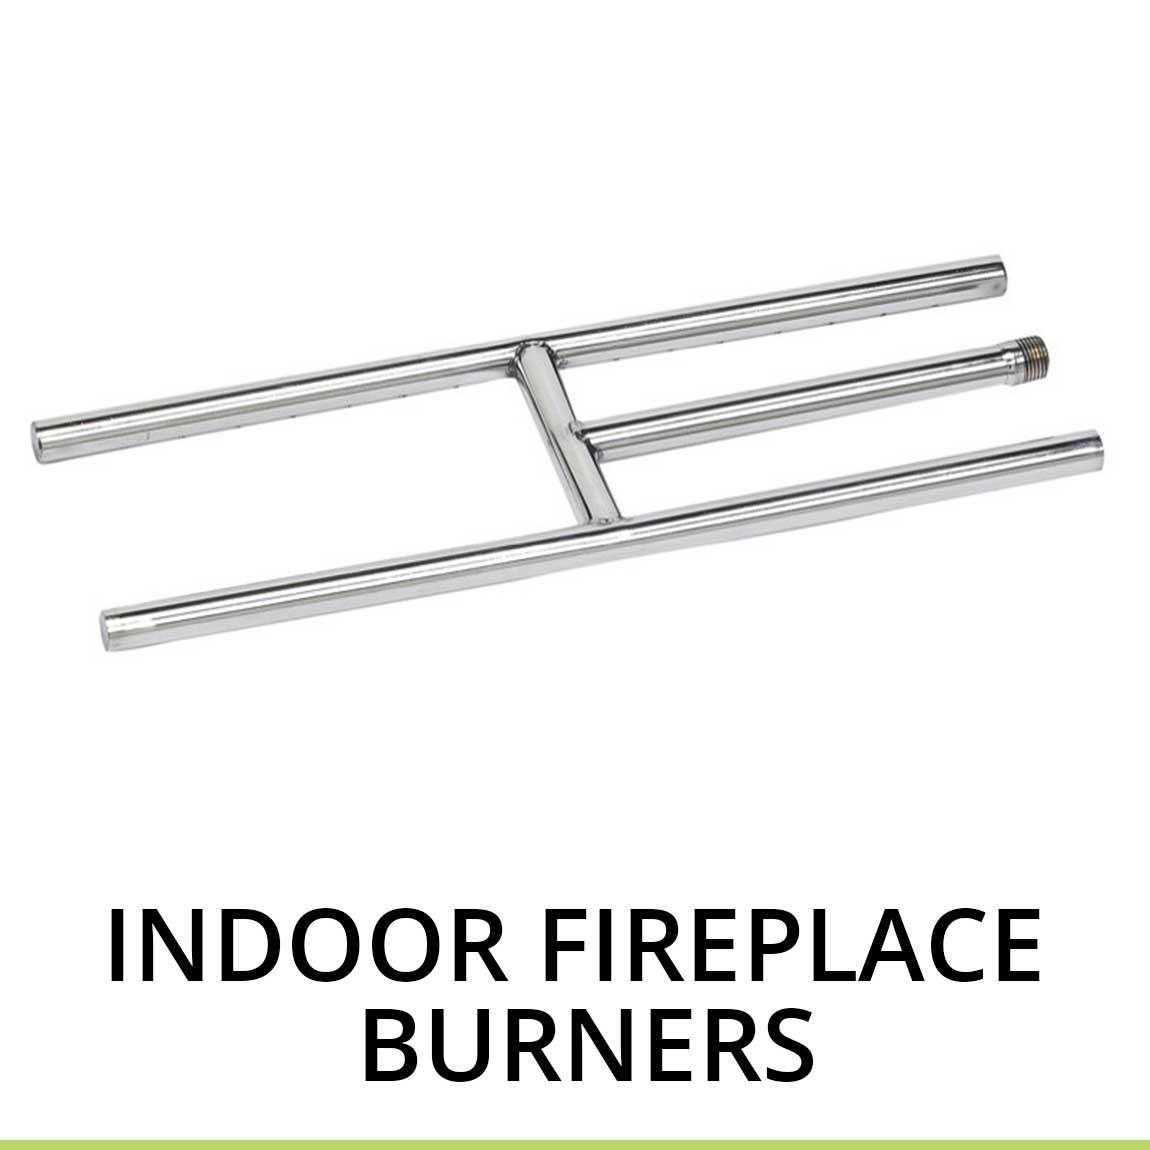 Indoor Fireplace Burners